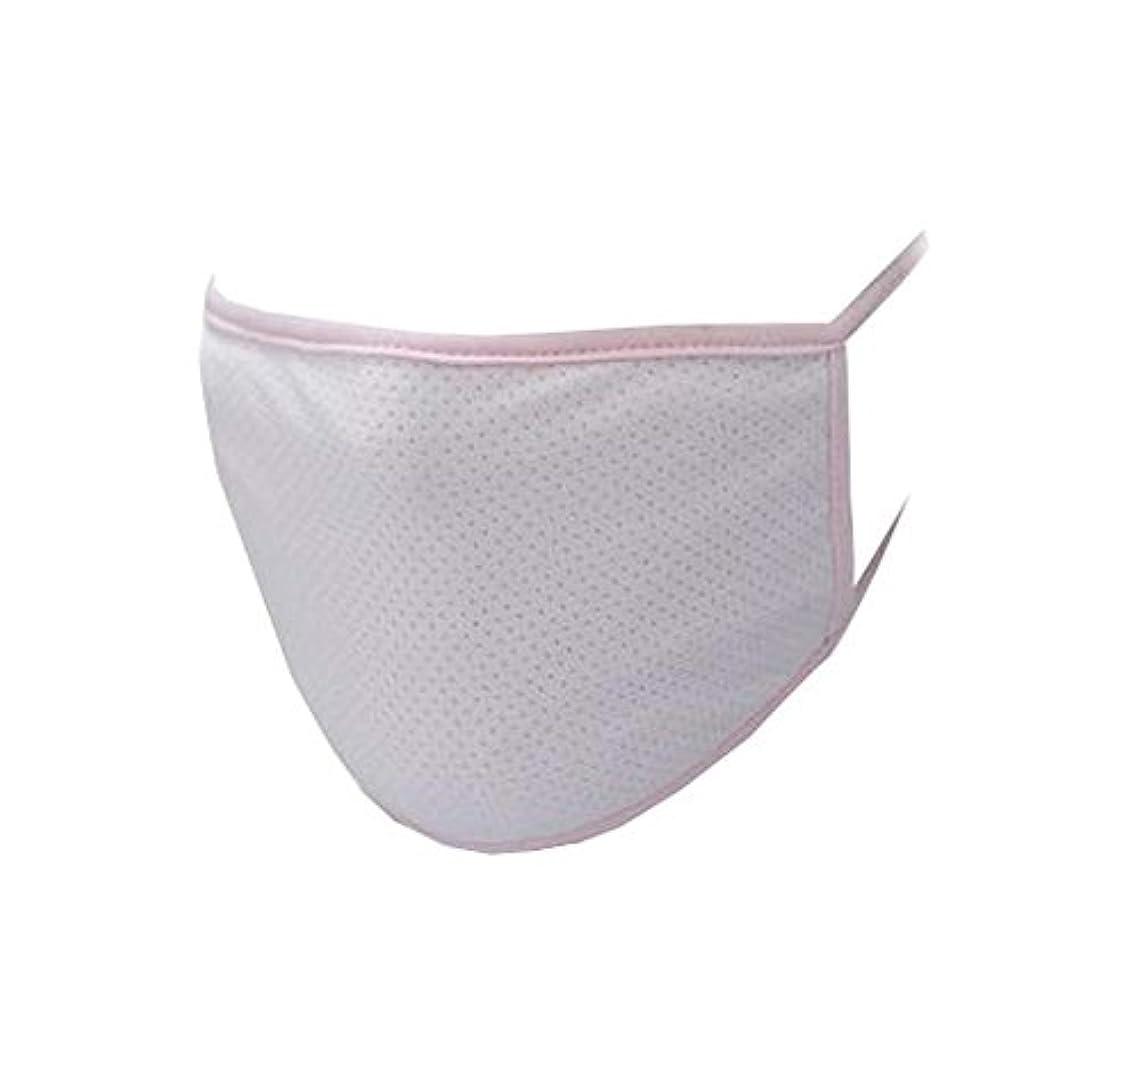 トランペット非武装化球体口マスク、再使用可能フィルター - 埃、花粉、アレルゲン、抗UV、およびインフルエンザ菌 - D